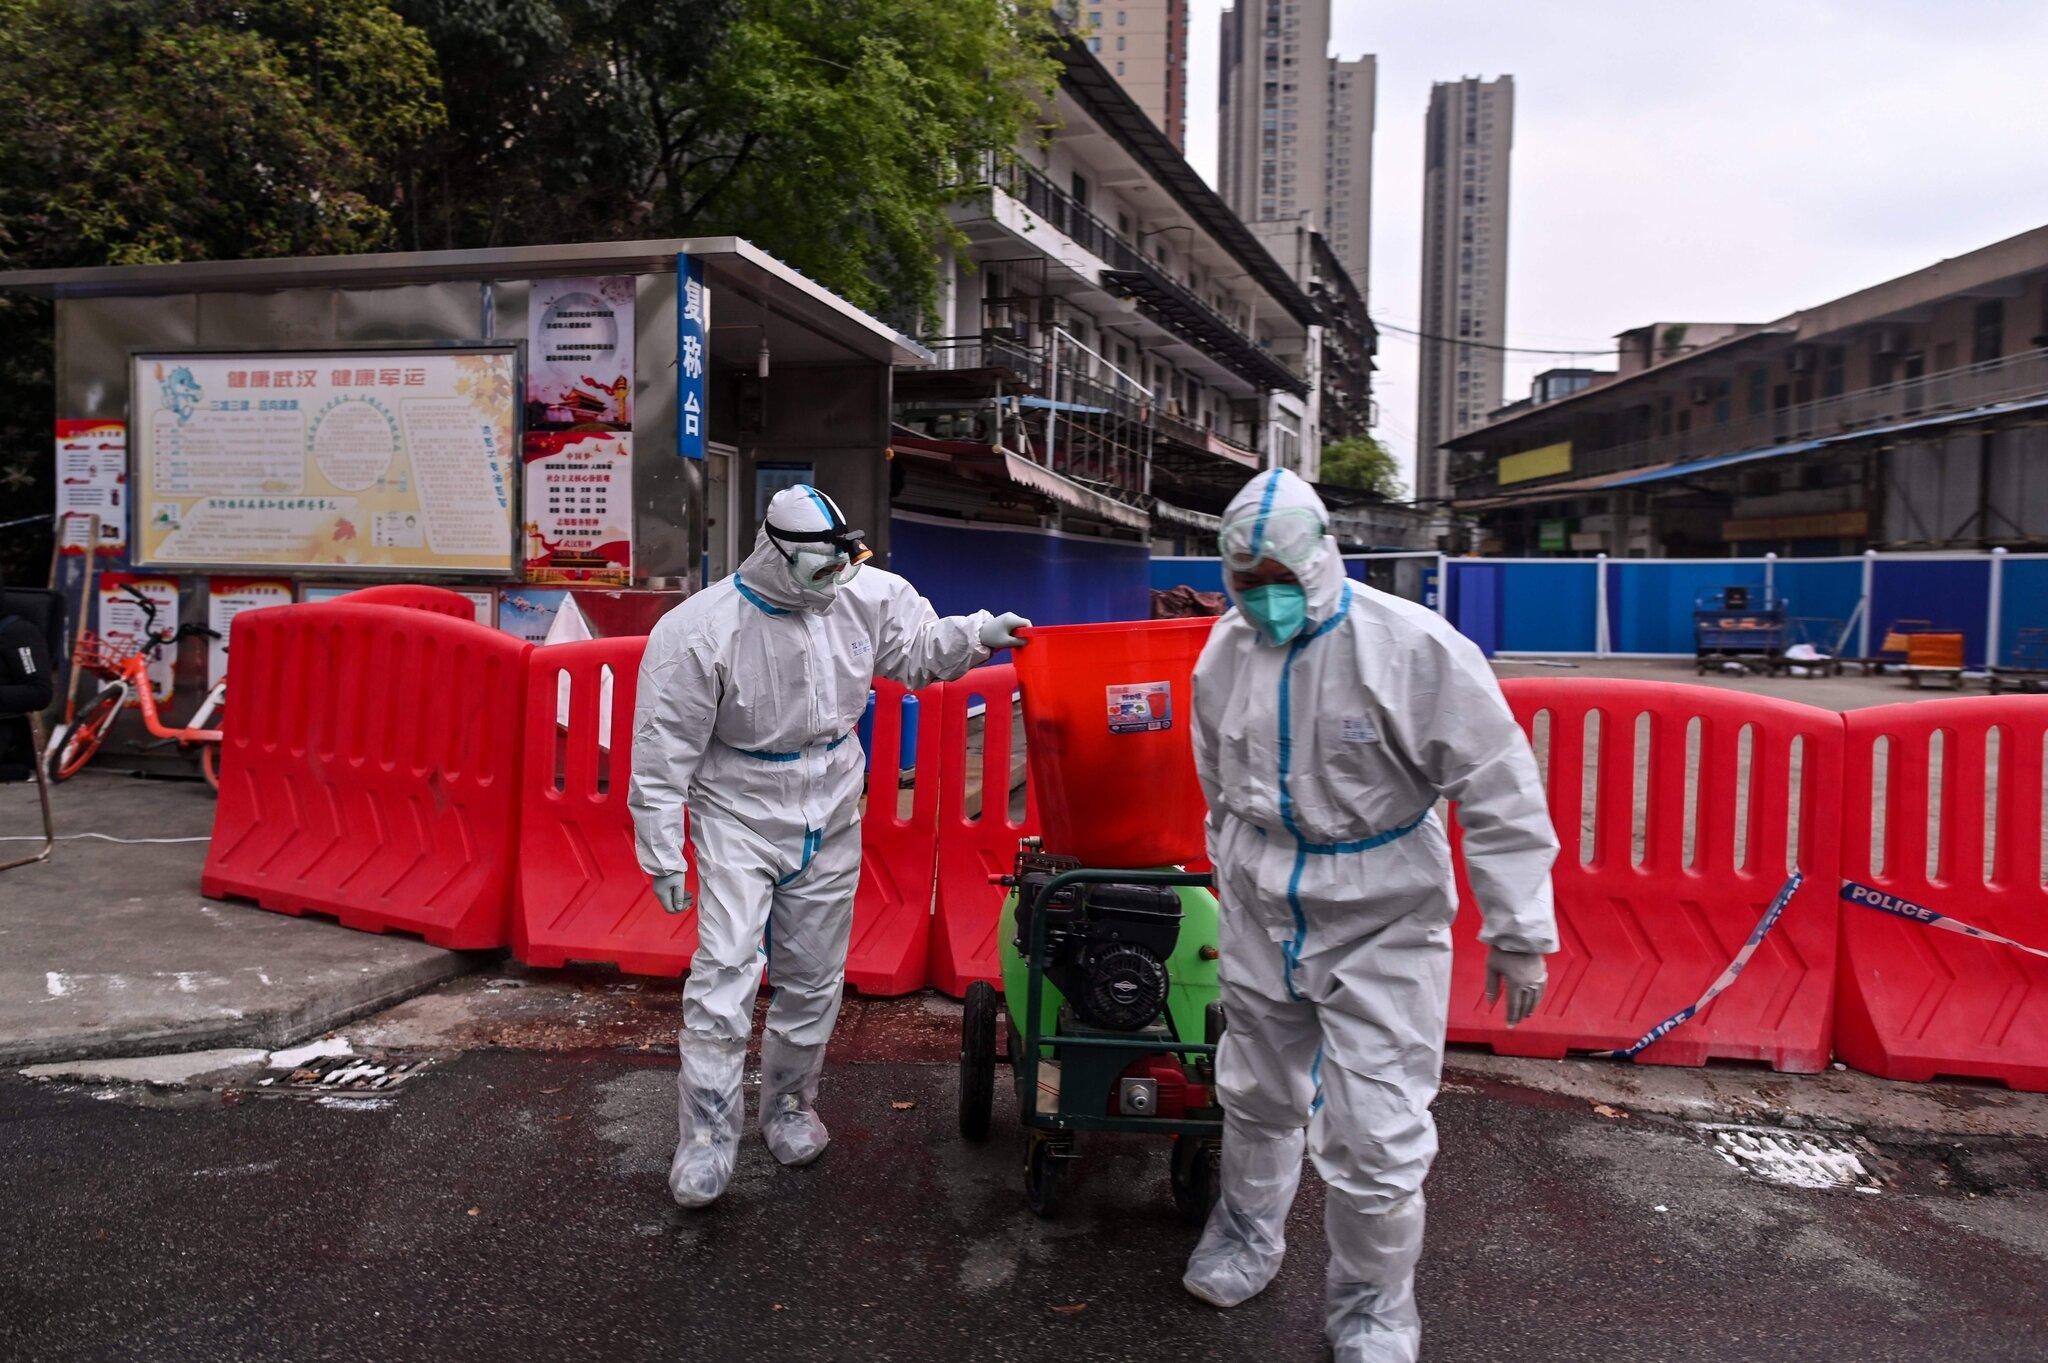 Nhân viên y tế khử khuẩn bên ngoài chợ hải sản Hoa Nam, Vũ Hán, tháng 3/2020. Ảnh: AFP